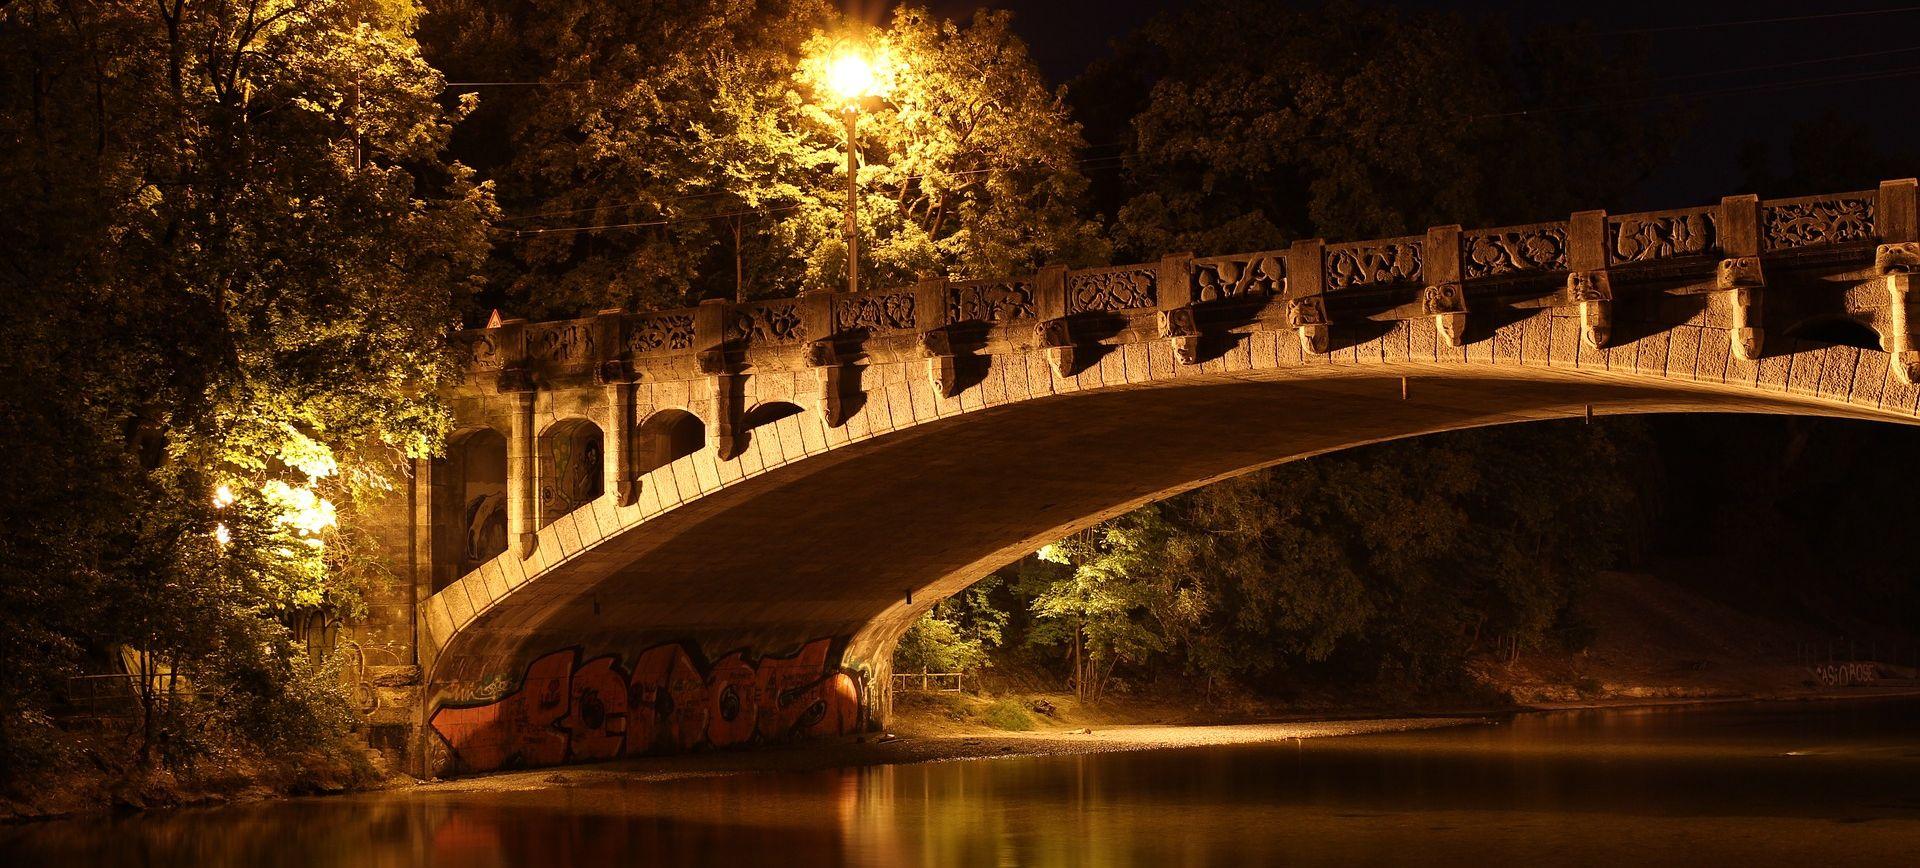 Autobus pun graničnih policajaca sletio s mosta u Argentini, najmanje 25 poginulih